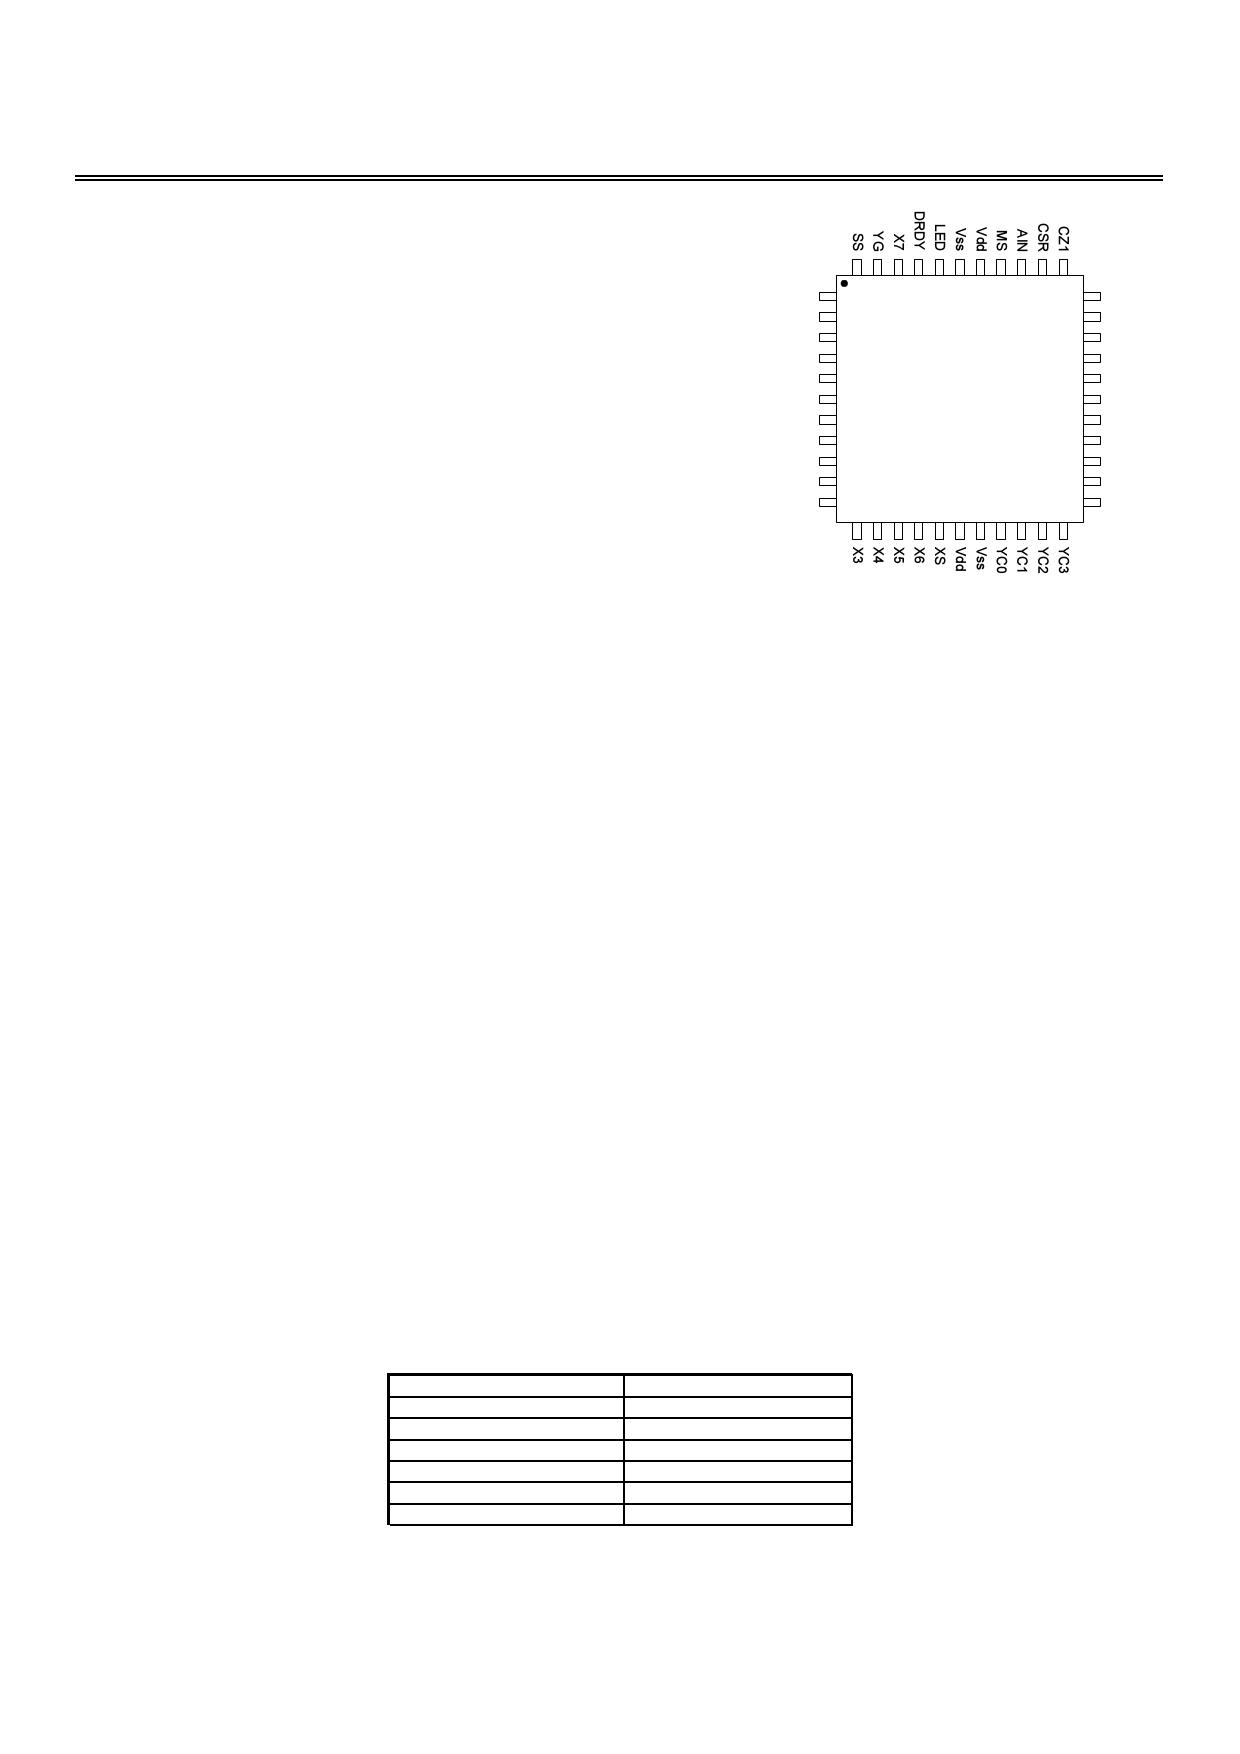 QT60485 datasheet